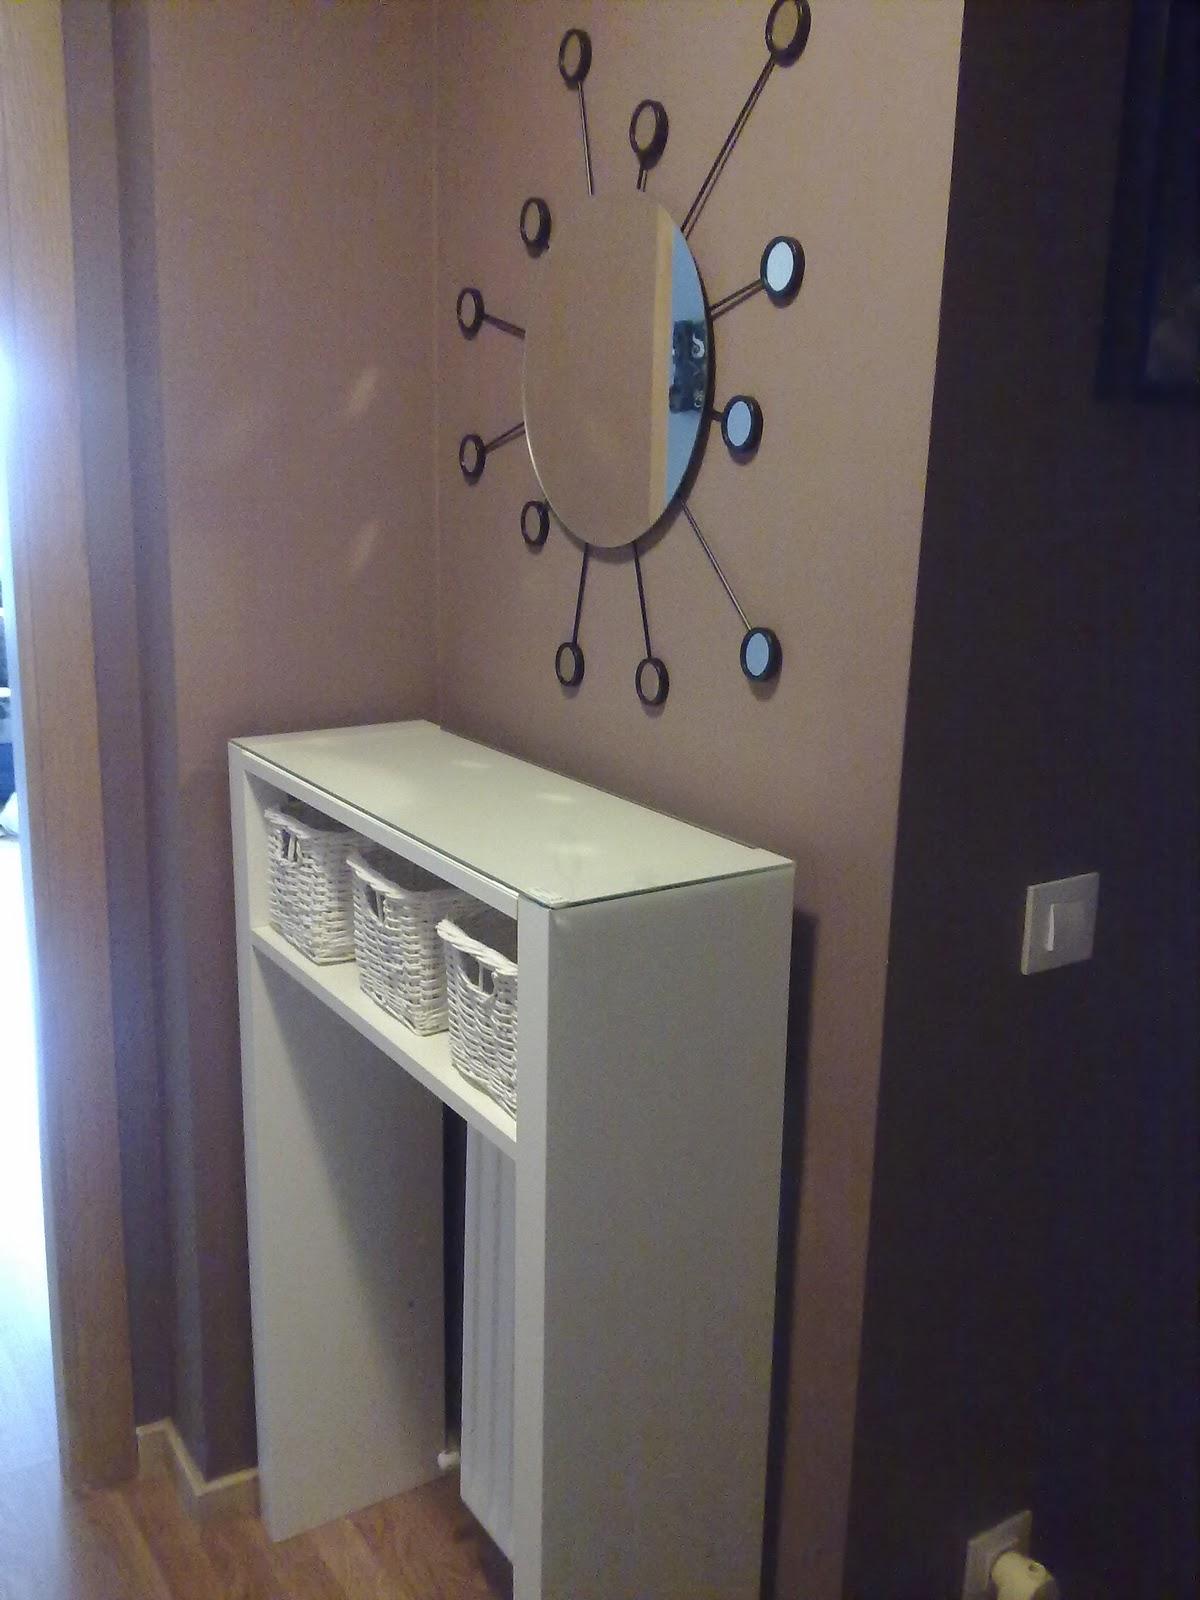 Dormitorio muebles modernos cubreradiador ikea - Como hacer cubreradiadores ...